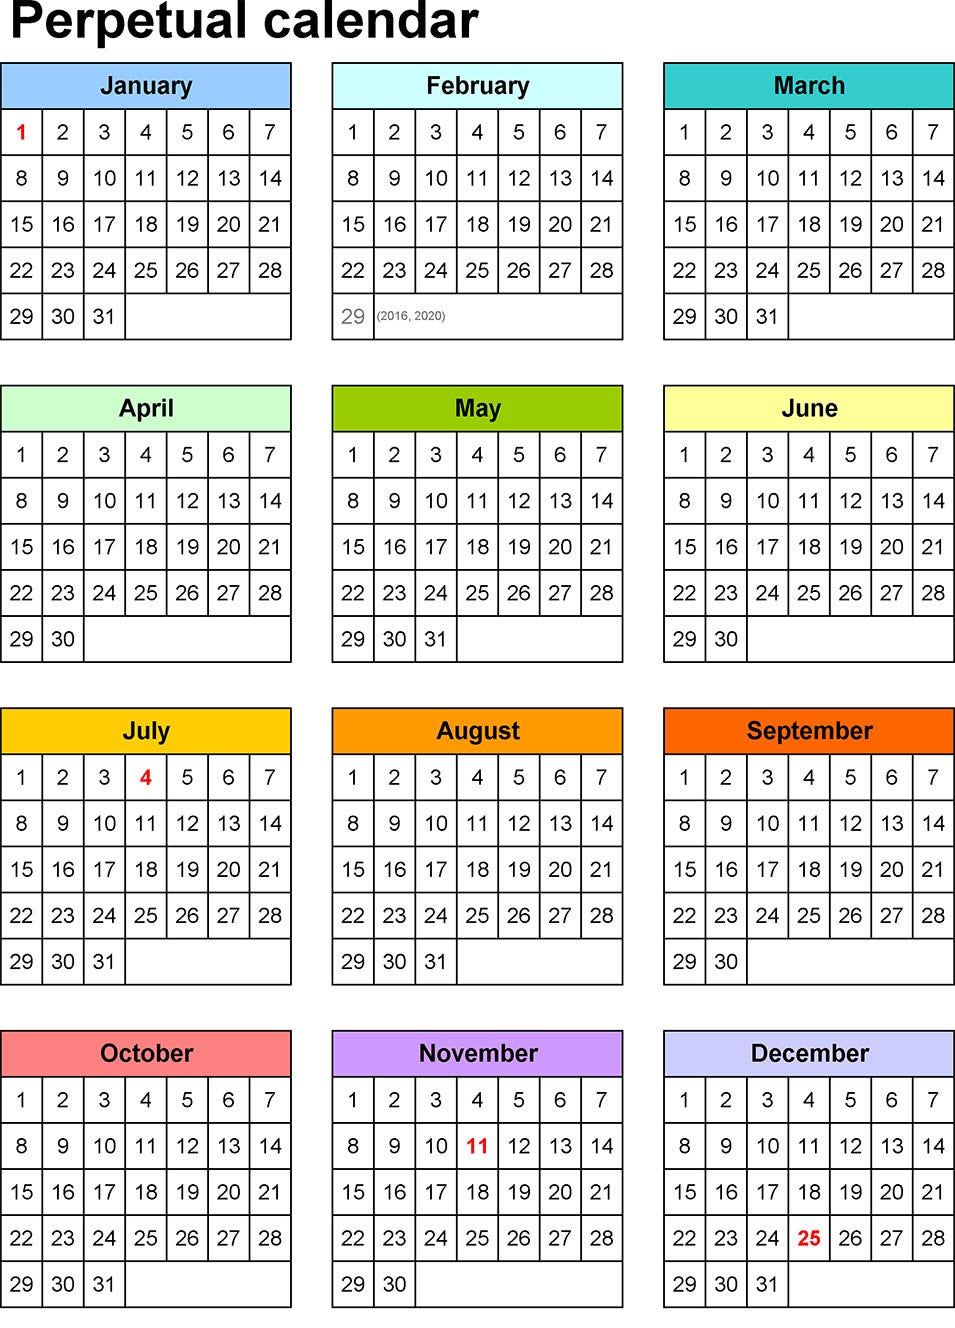 schedule depo perpetual calendar 2015 depo provera calendar 2015 ...